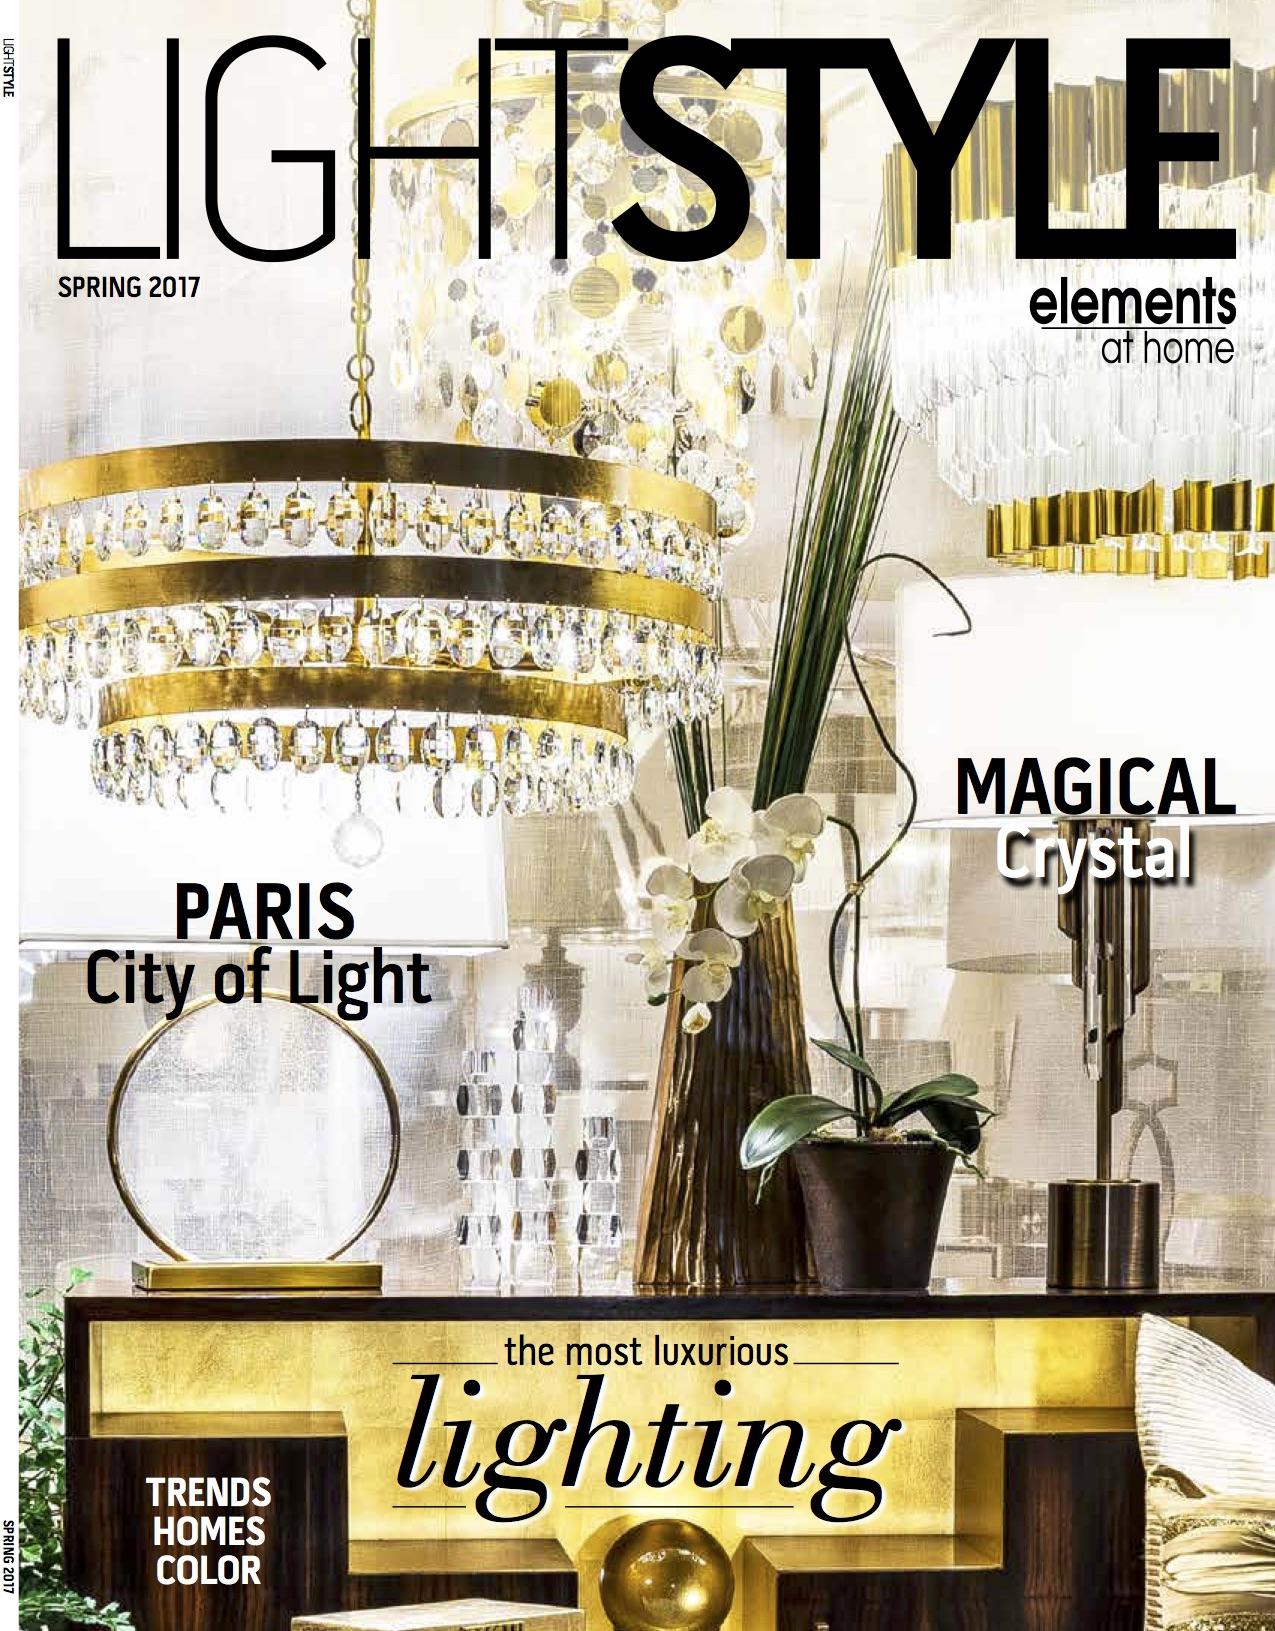 Lightstyle magazine